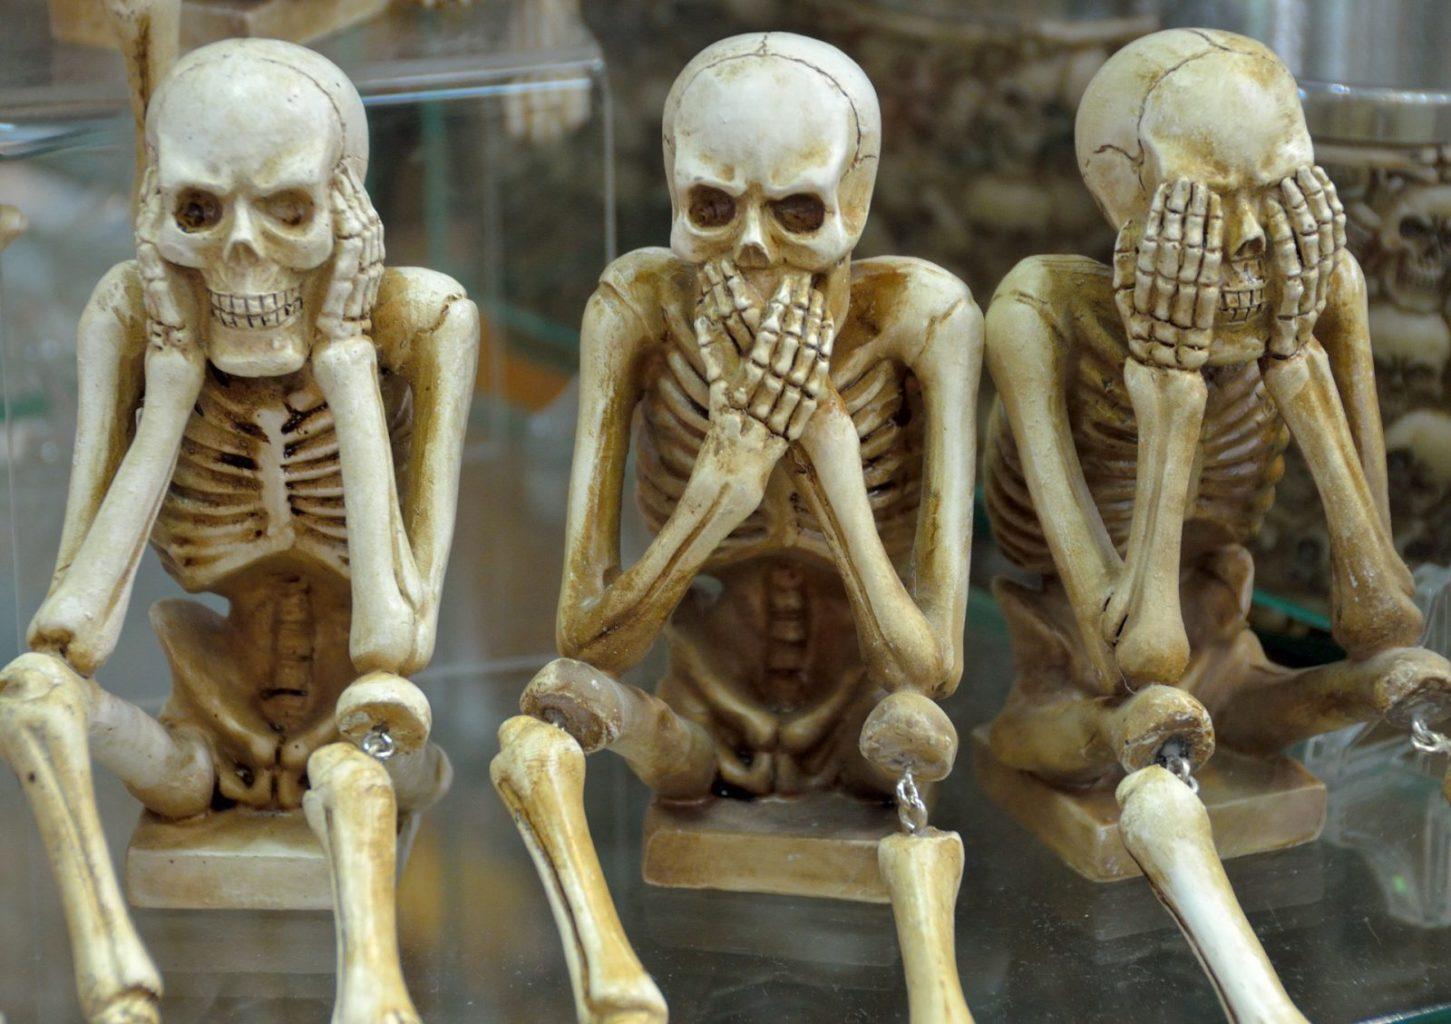 Британец  коллекционировал человеческие кости без разрешения их владельцев